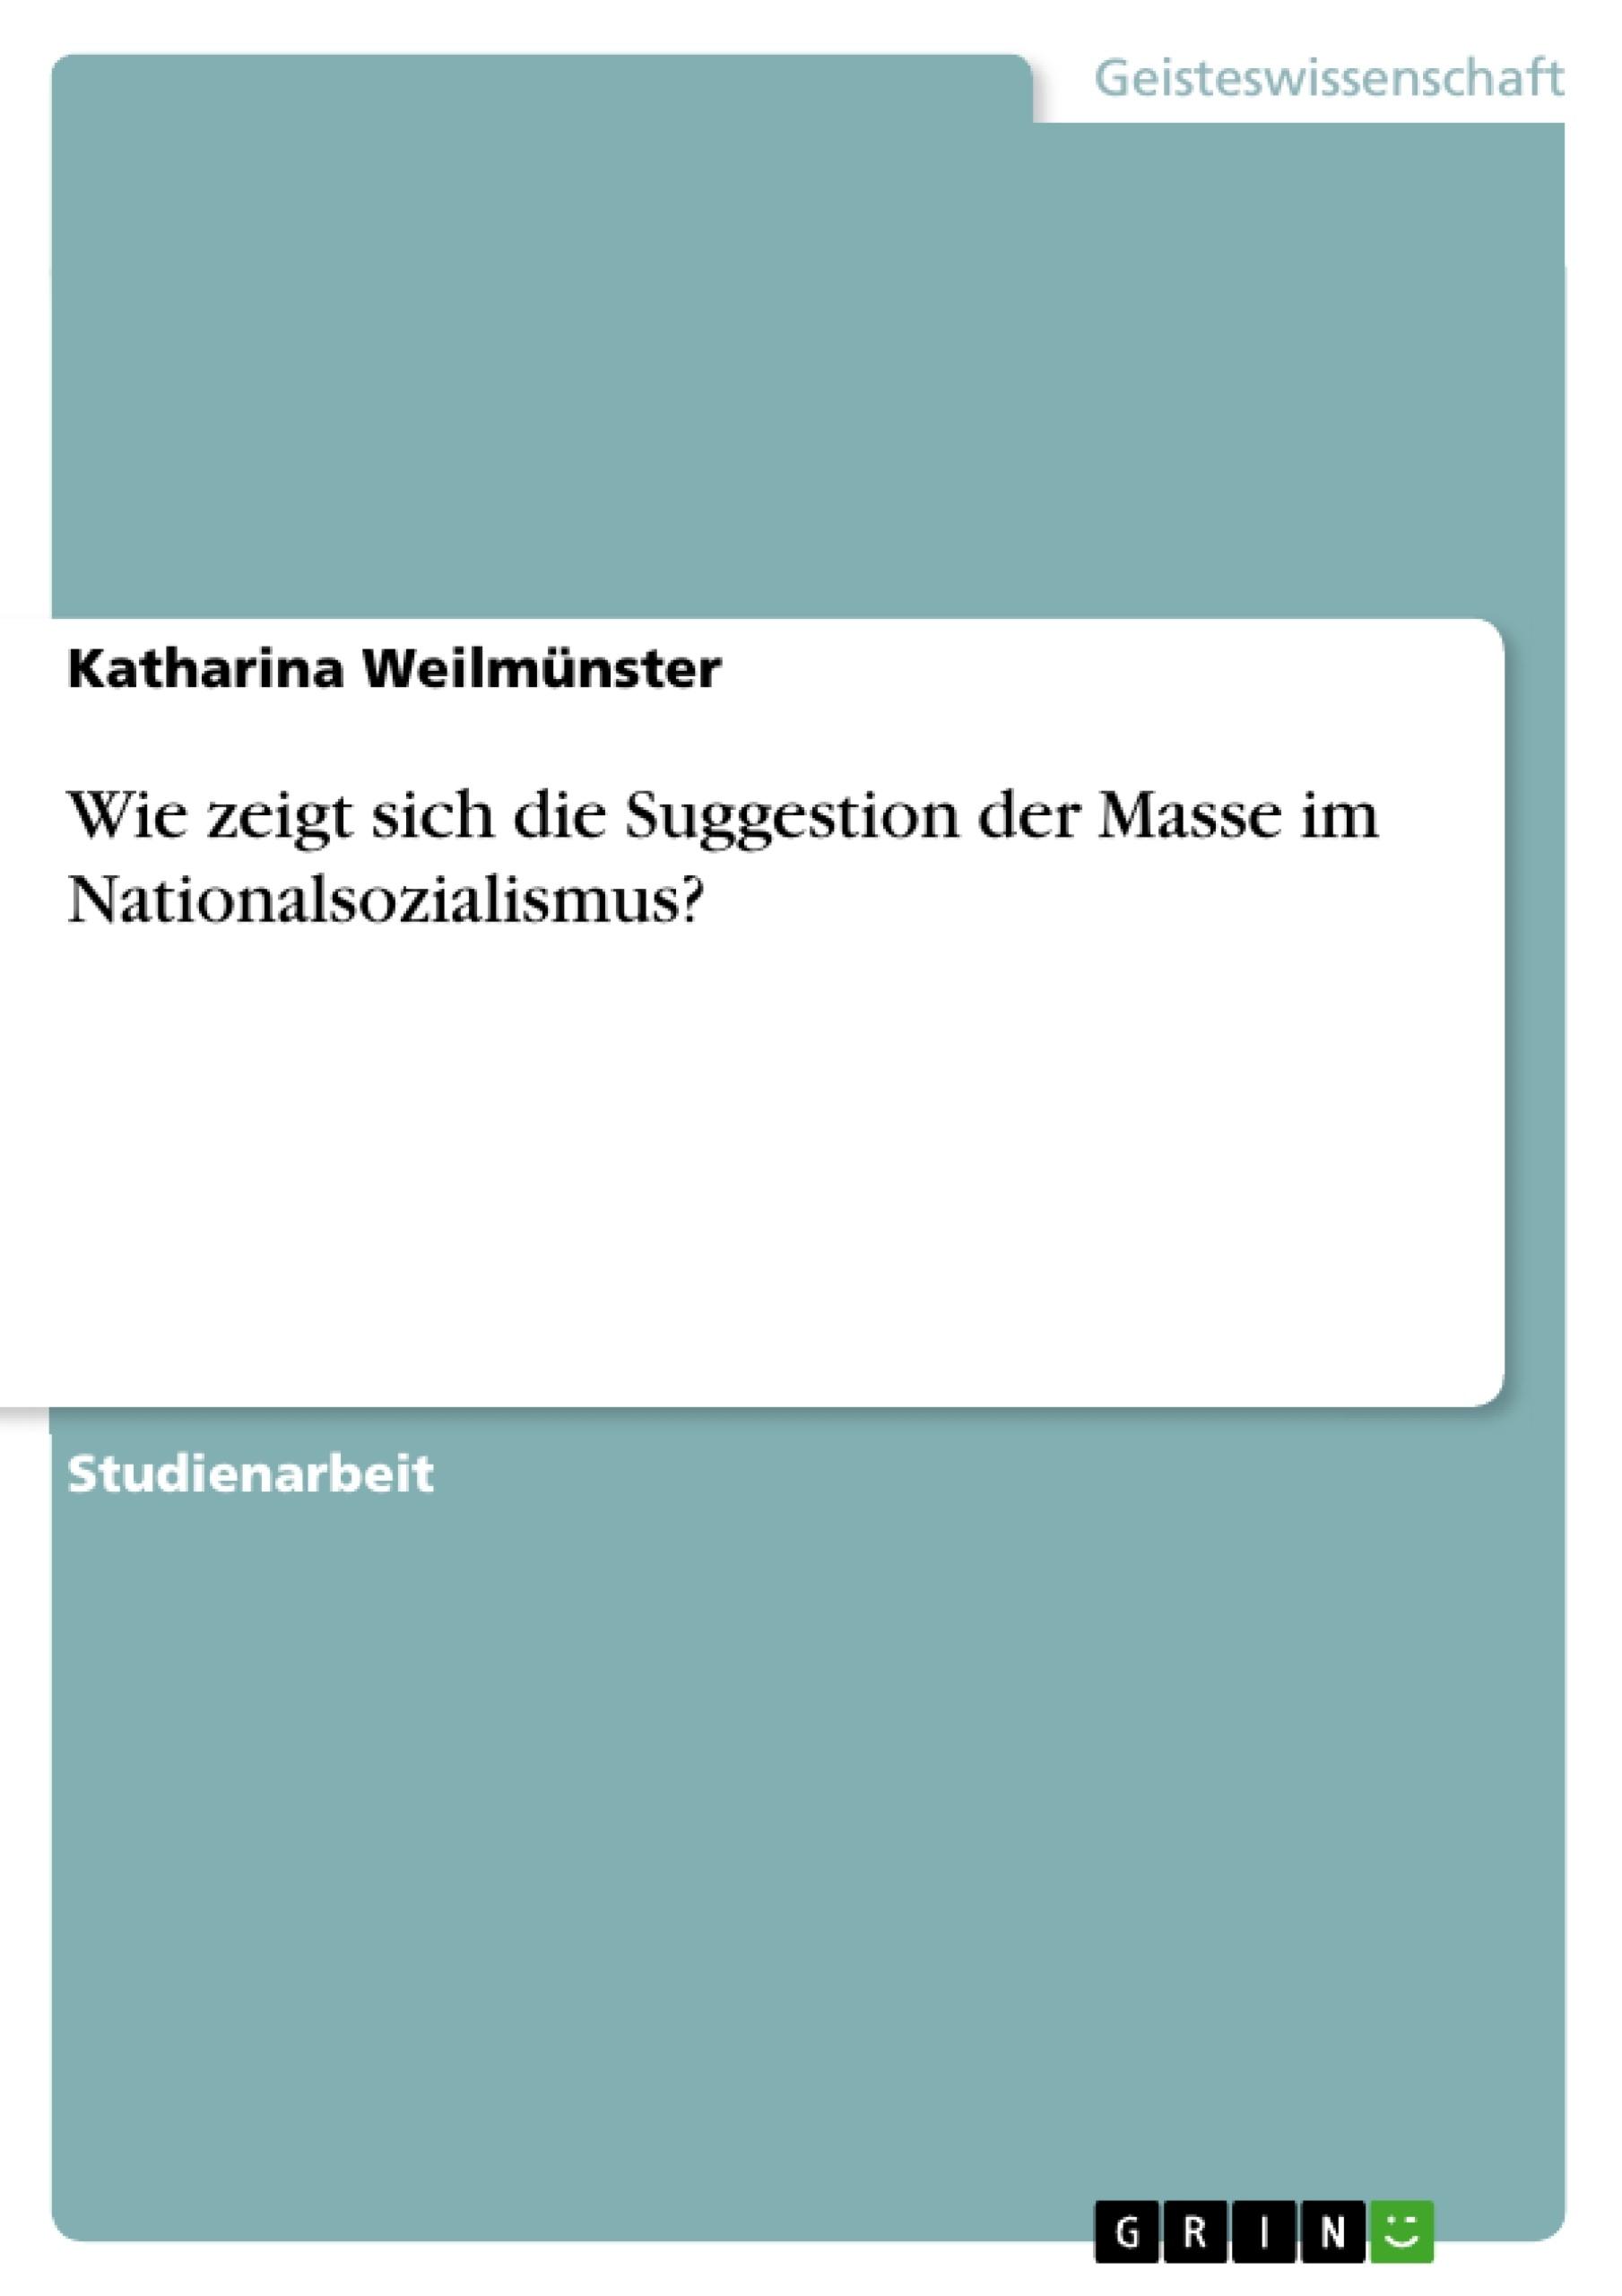 Titel: Wie zeigt sich die Suggestion der Masse im Nationalsozialismus?